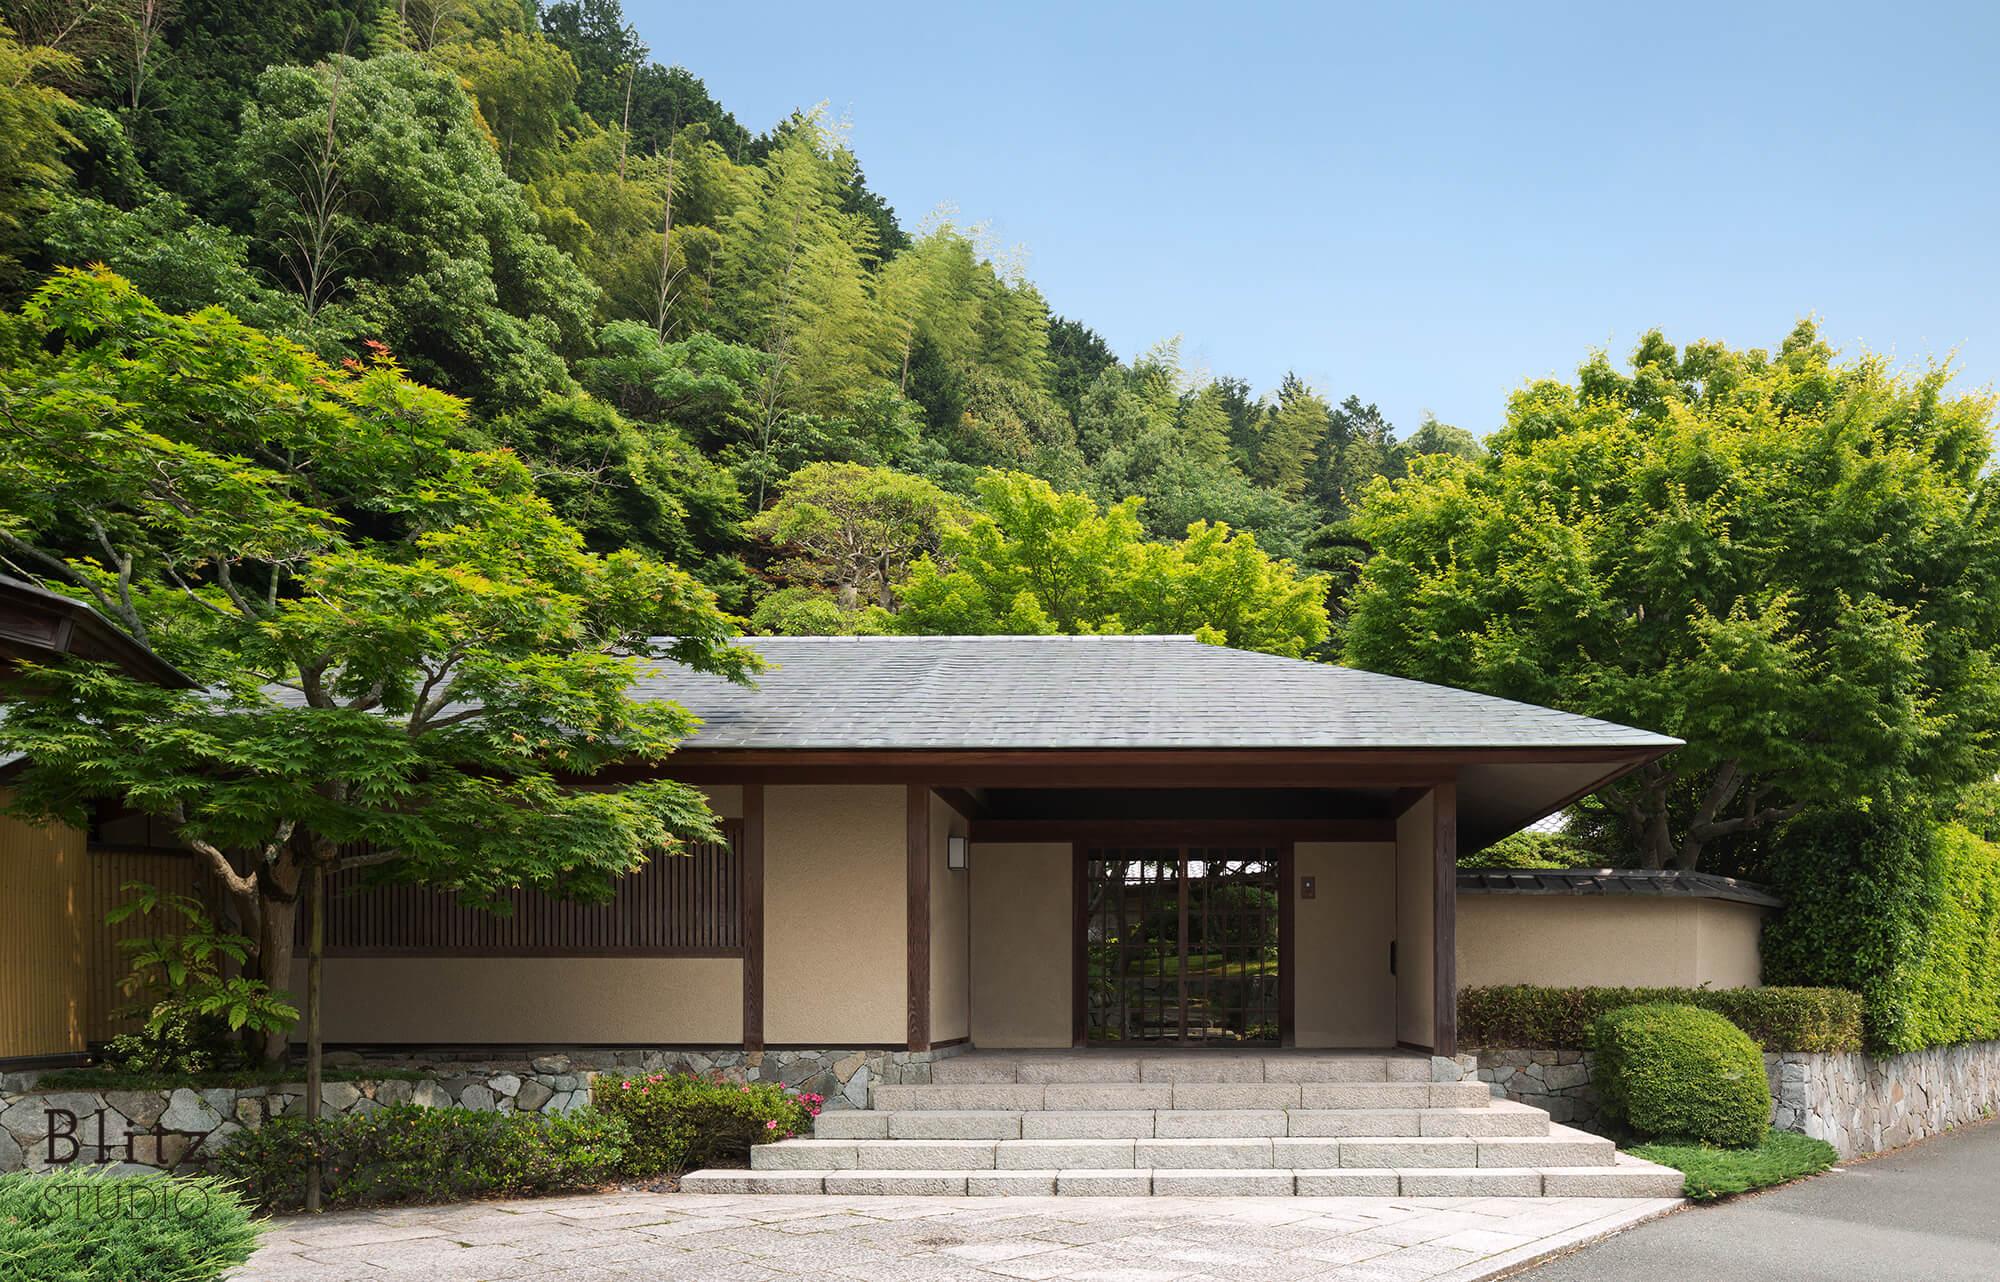 『宗像名残荘』-福岡県宗像市-建築写真・竣工写真・インテリア写真2